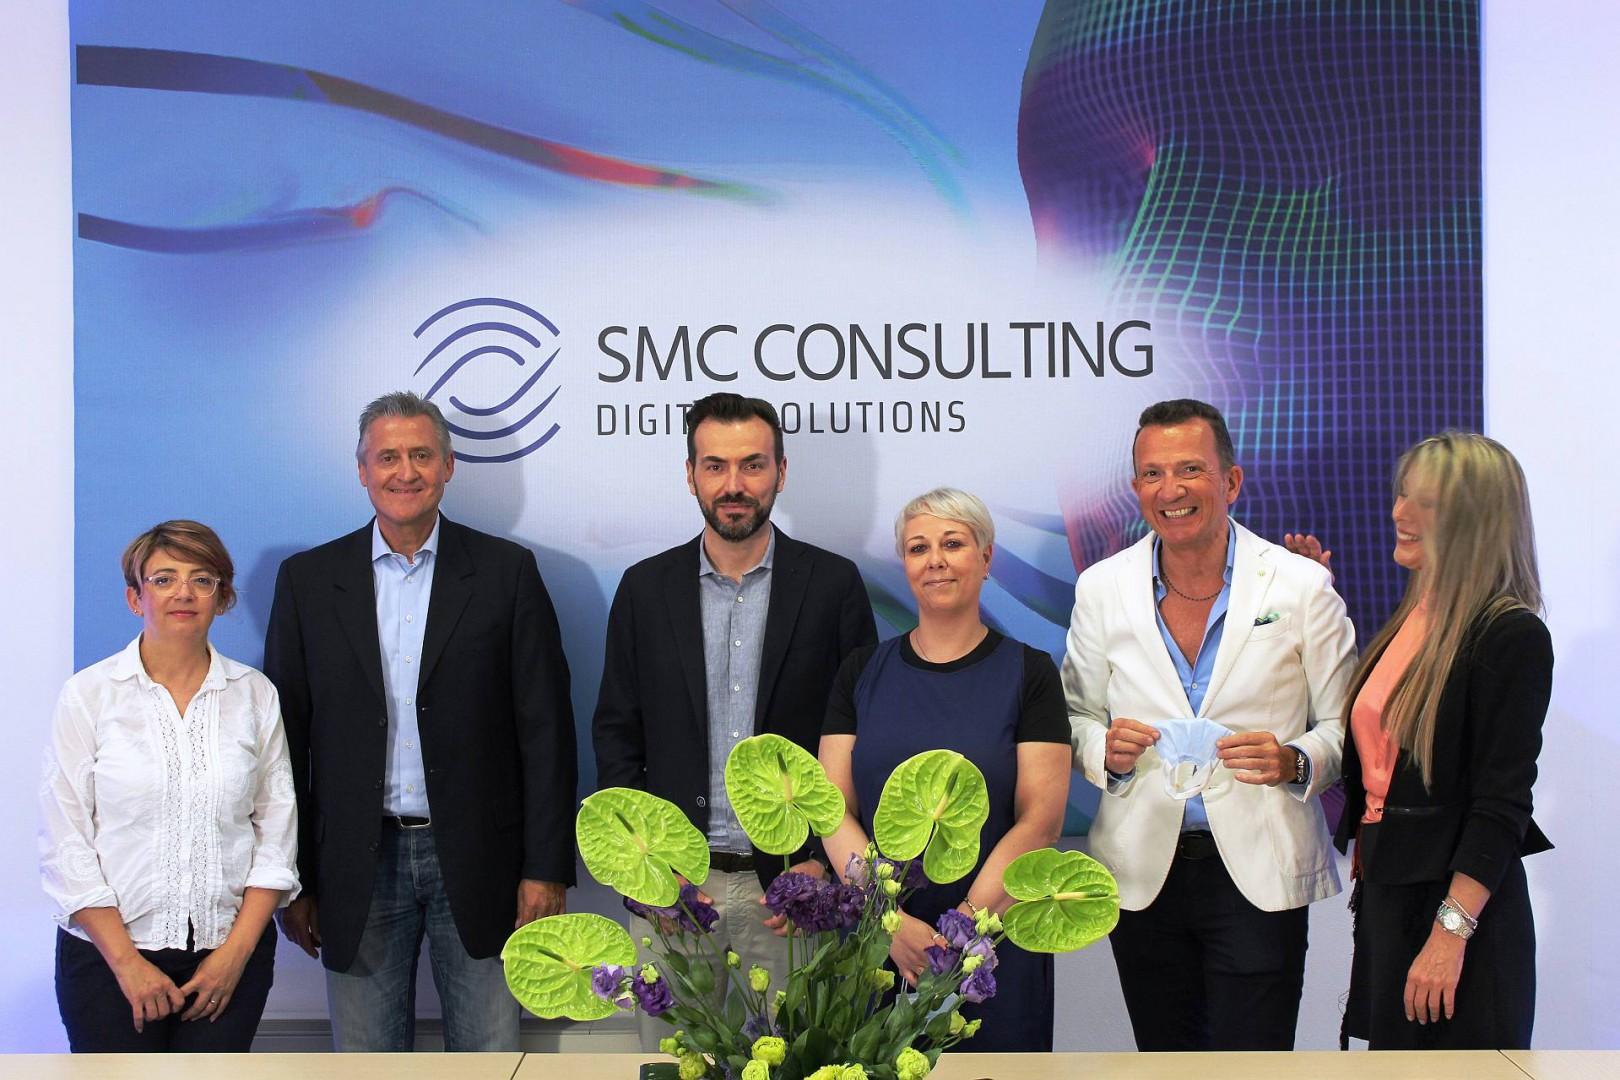 e-Commerce, continua la crescita, Carpi protagonista della transizione digitale in Emilia Romagna festeggia i 10 anni di SMC Consulting